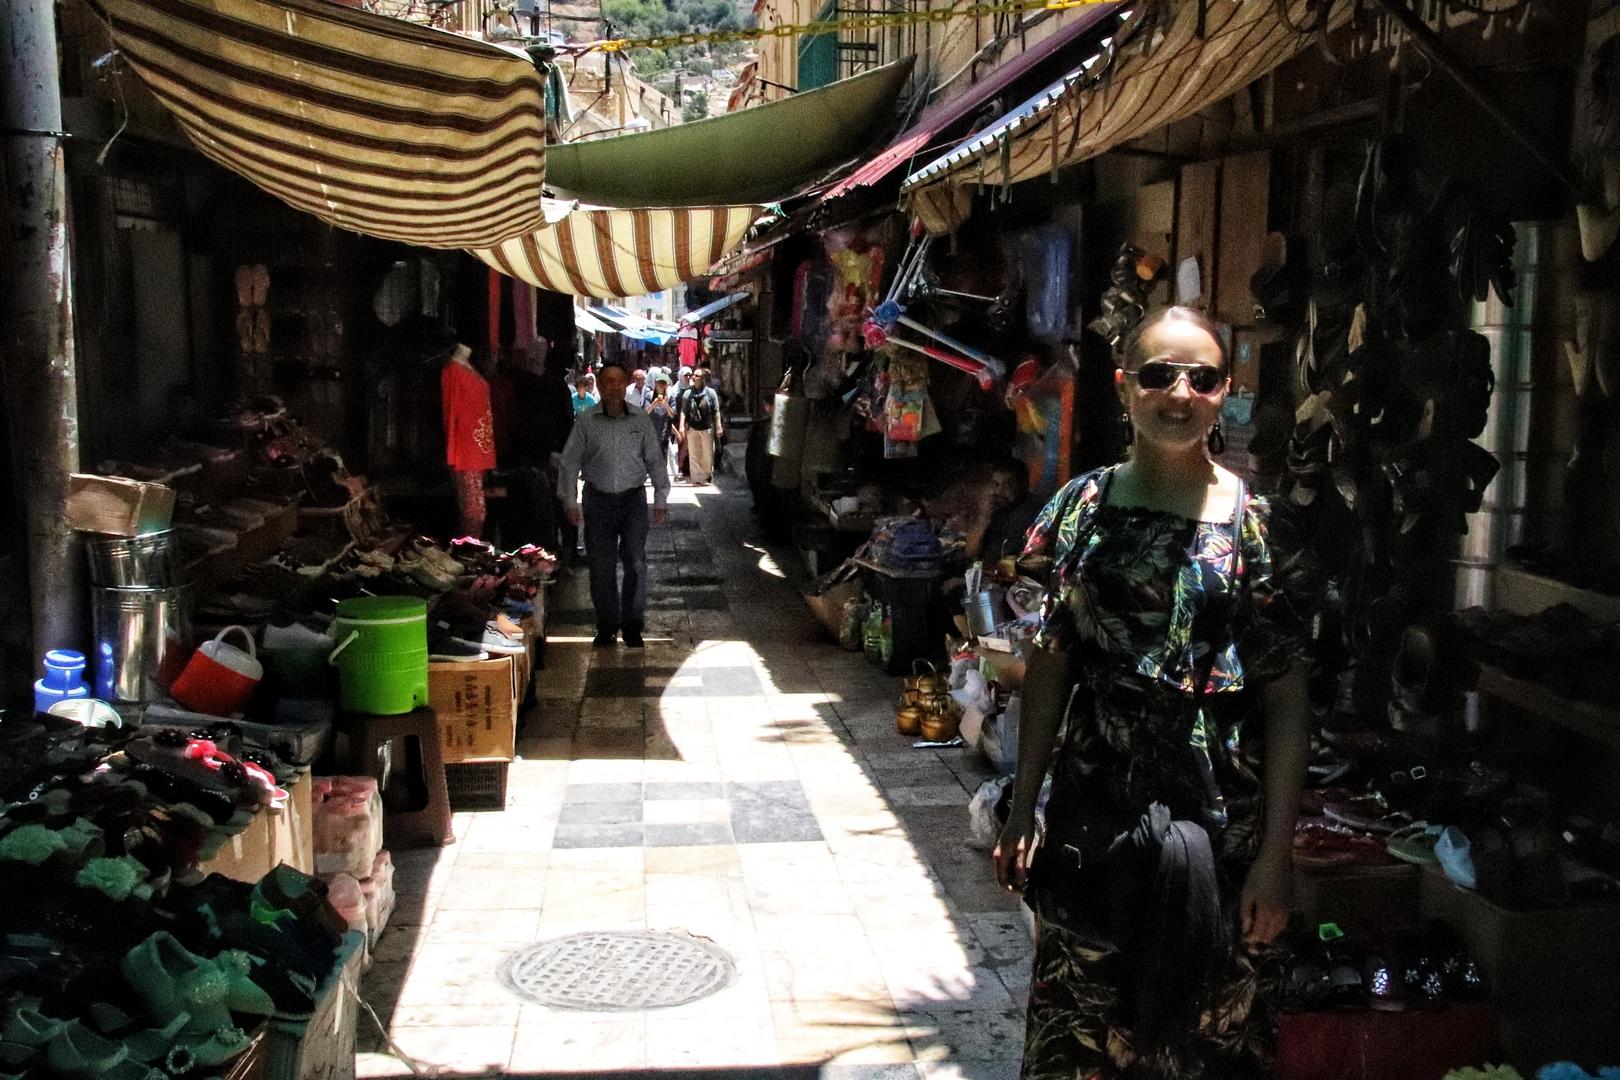 Jordanie - Hammam street, la rue principale de Salt, où se déroule le marché tous les matins